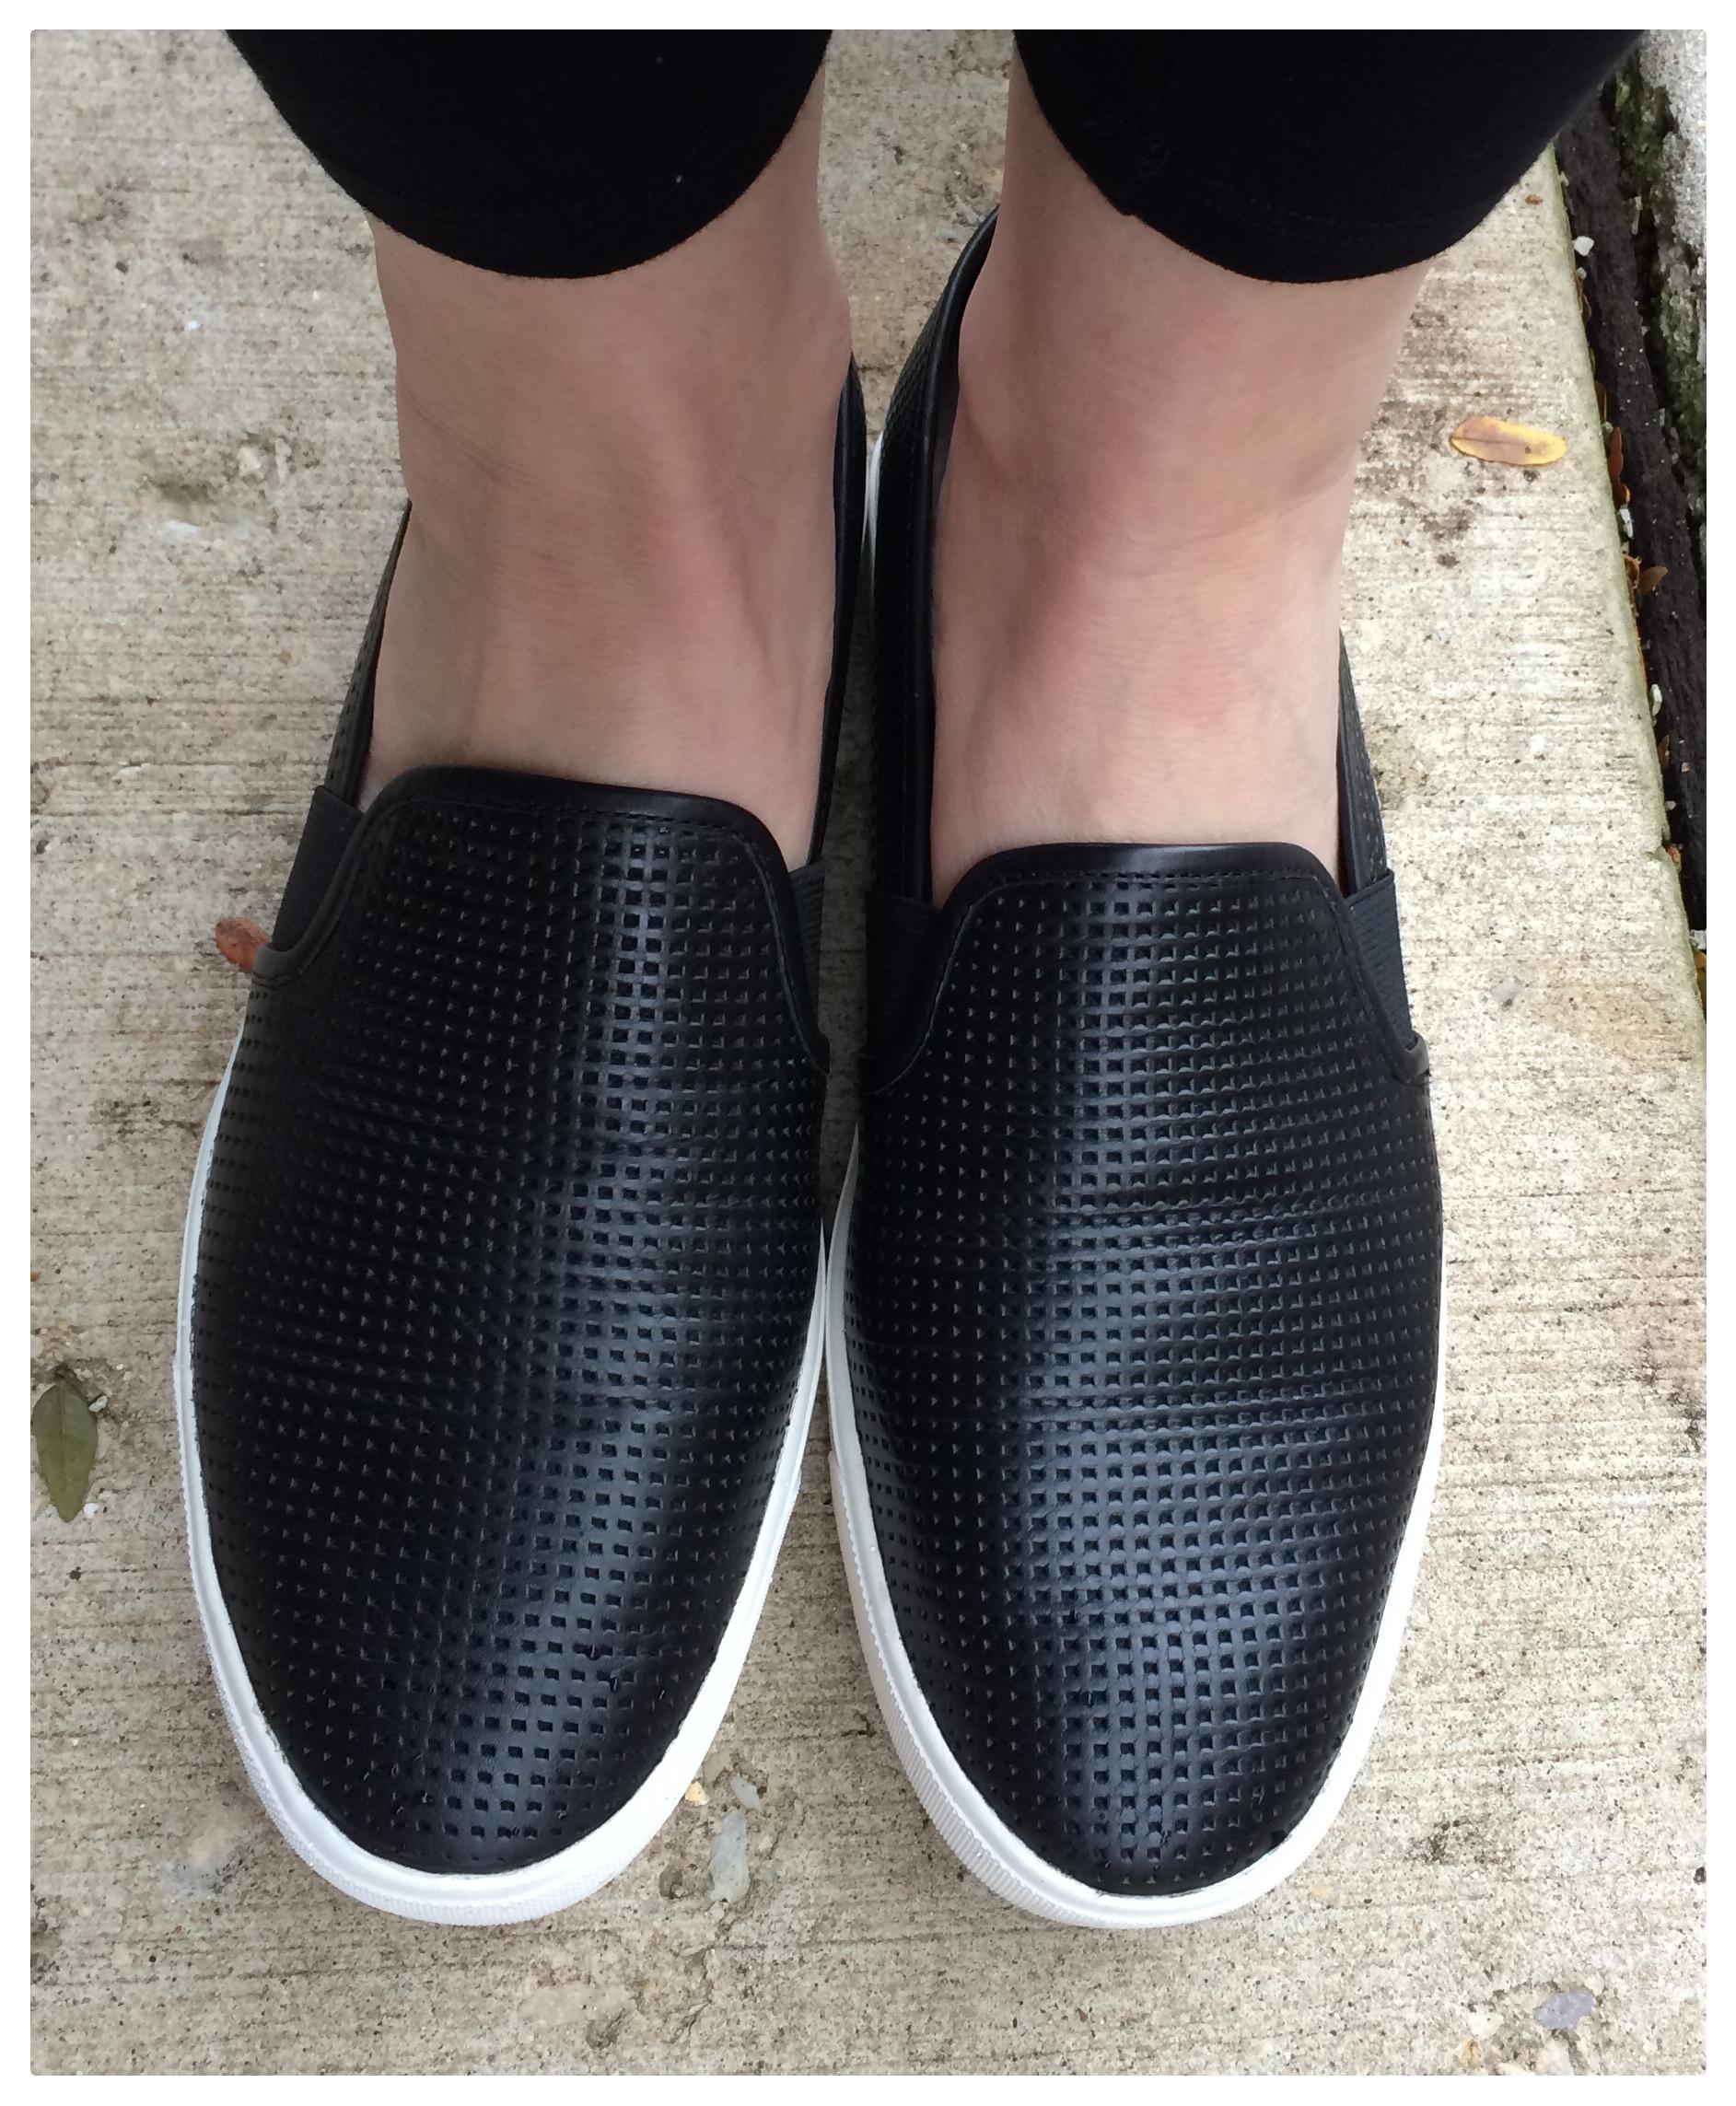 Vince Blair 5 Flat Slip-On Sneakers